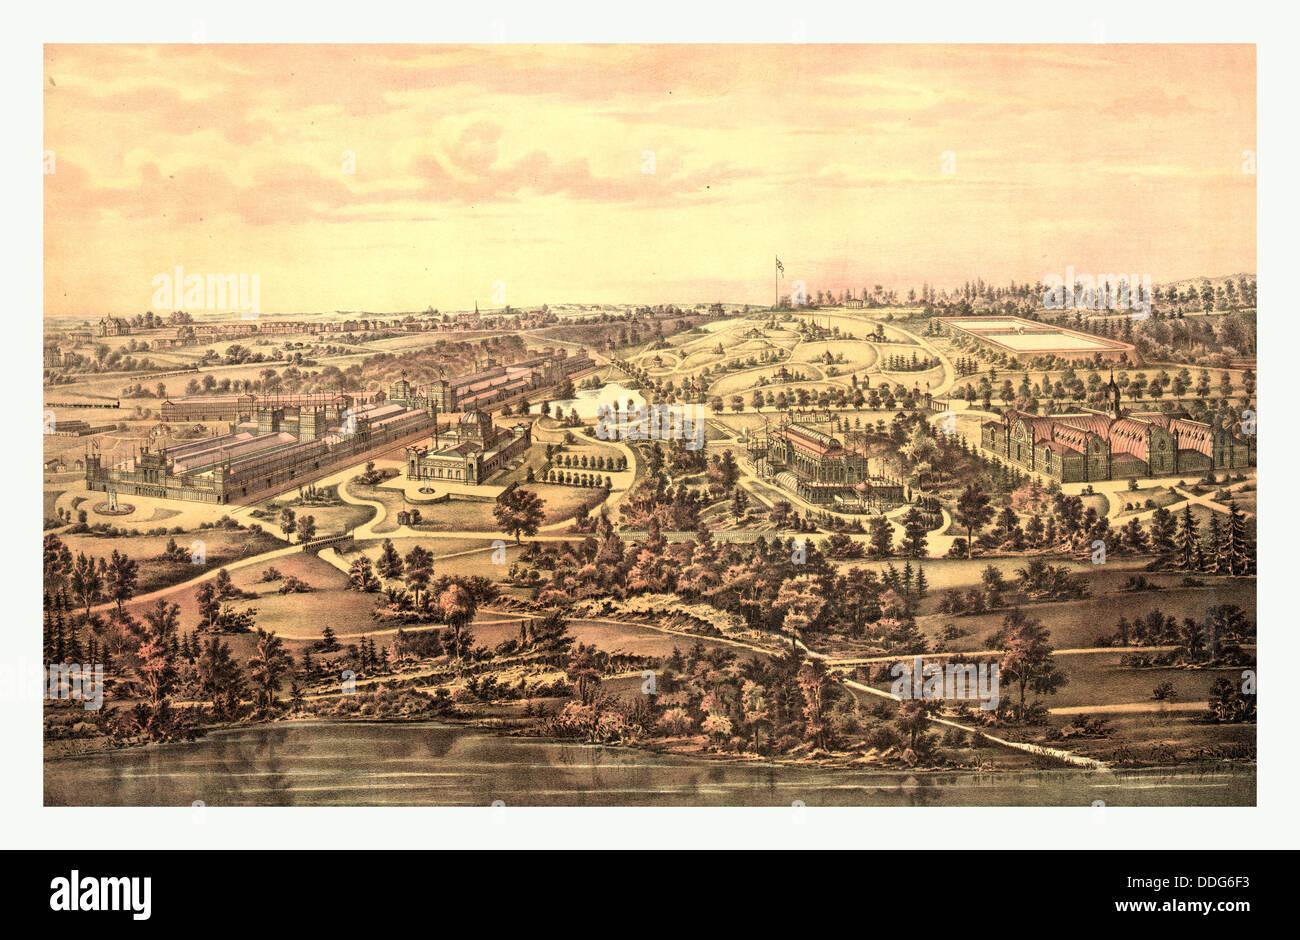 Bird's eye view, Centennial Buildings, Fairmount Park, Philadelphia by H.J. Toudy & Co., circa 1875, US, - Stock Image